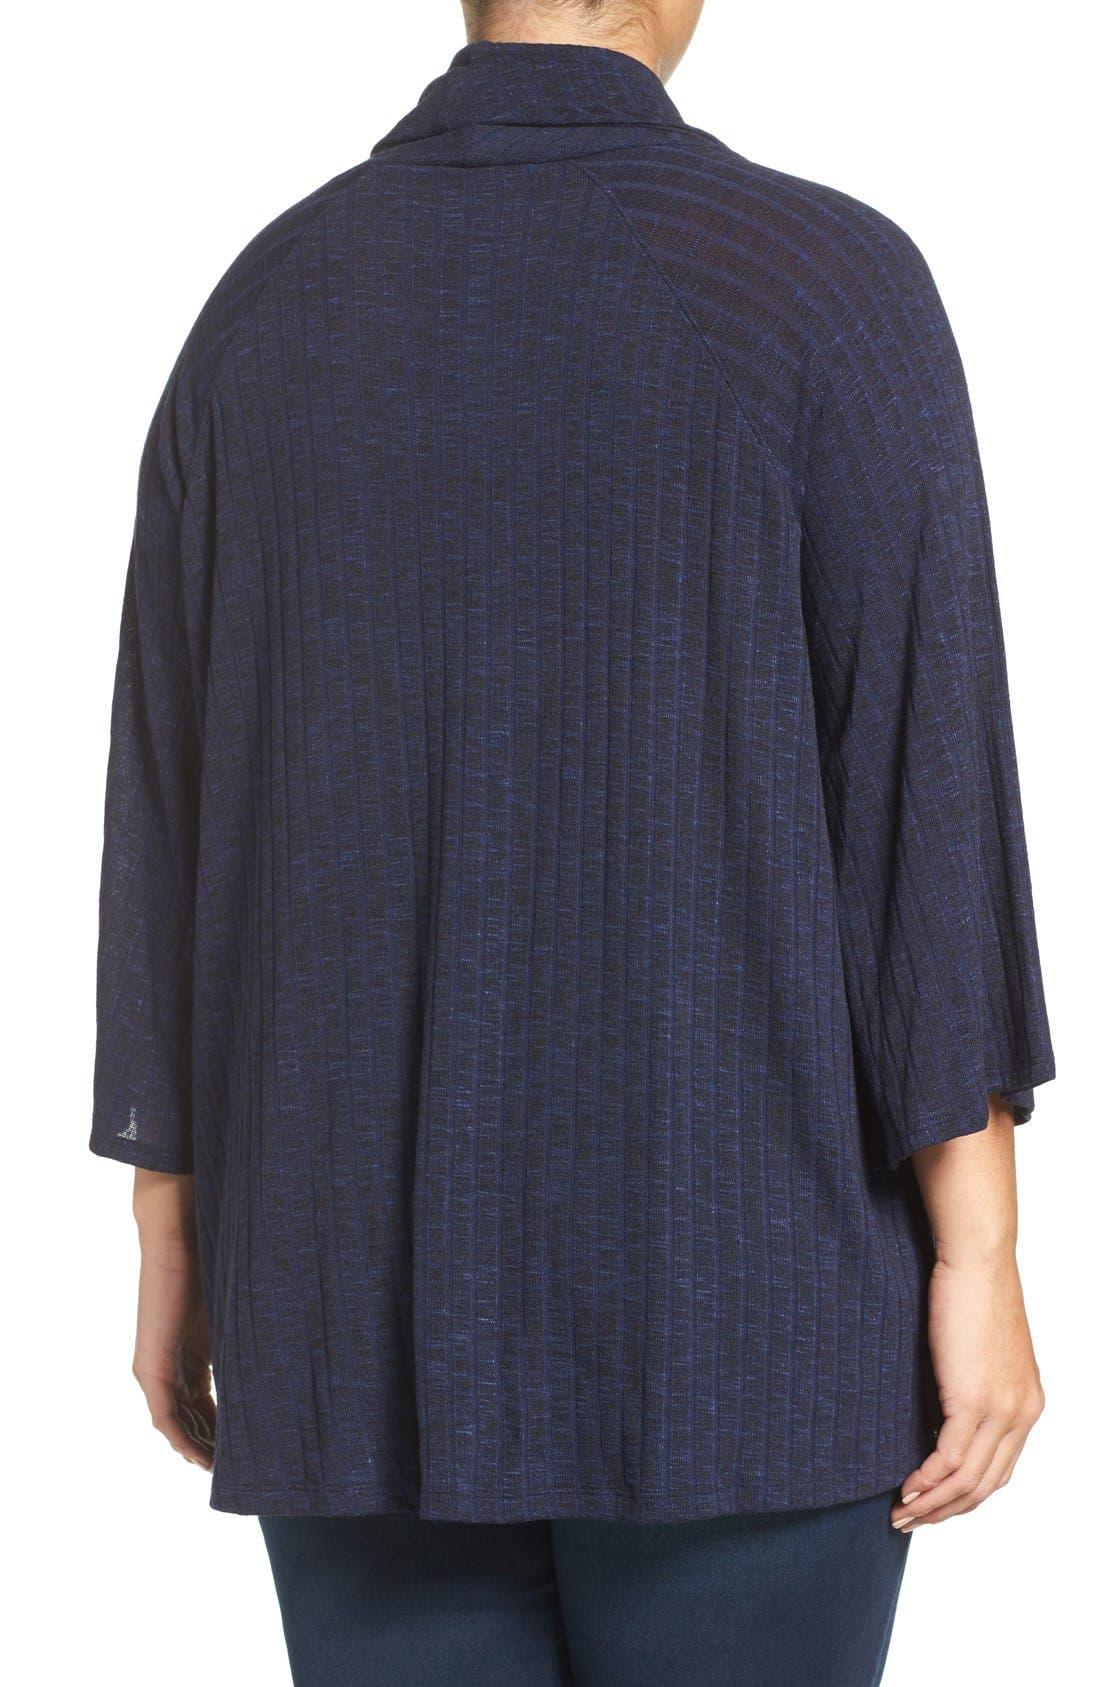 Alternate Image 2  - Sejour Cowl Neck Top (Plus Size)